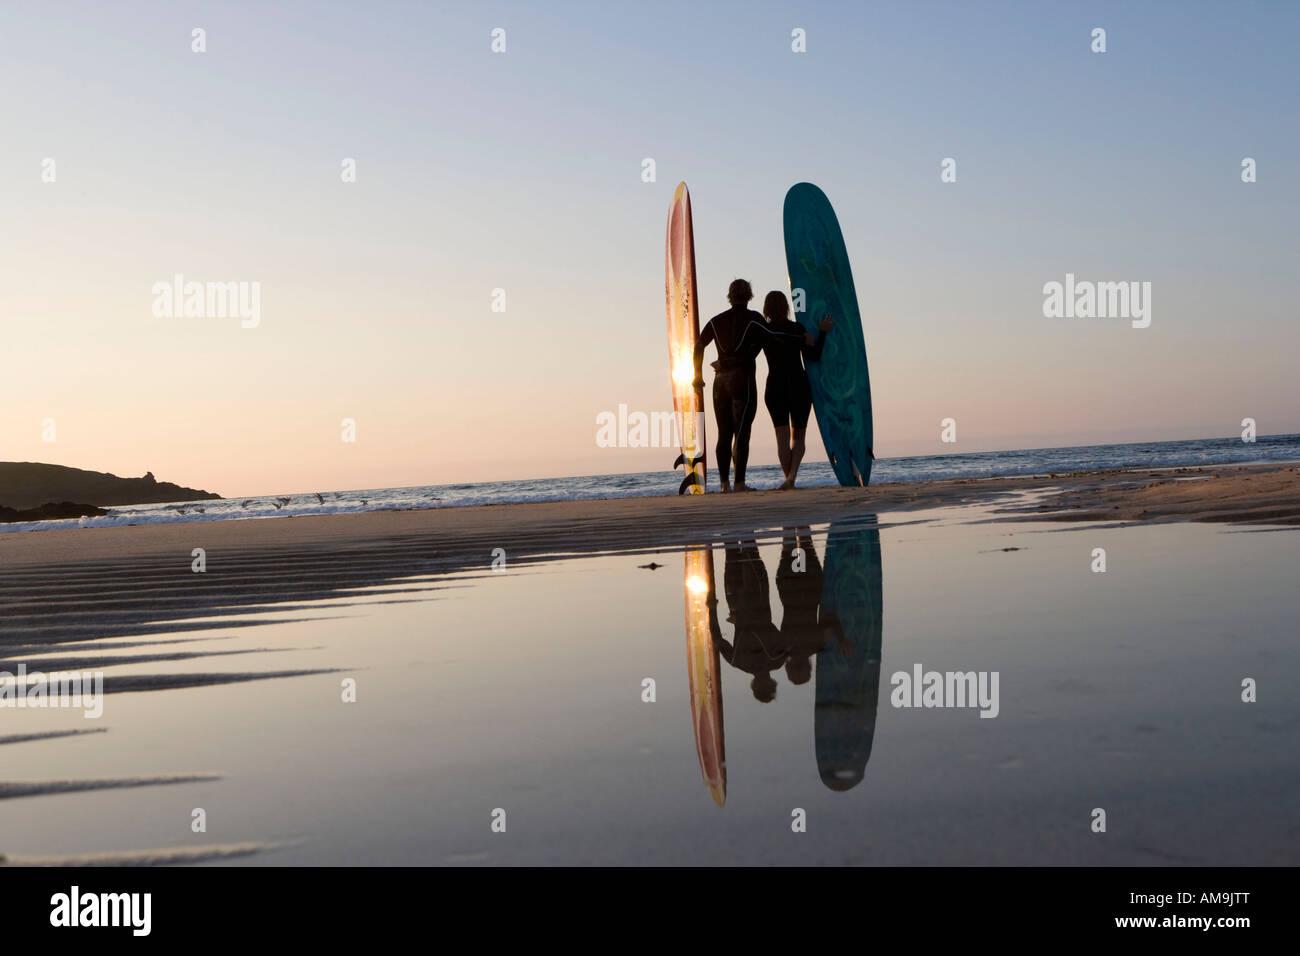 Paar steht am Strand mit Surfbrettern. Stockbild